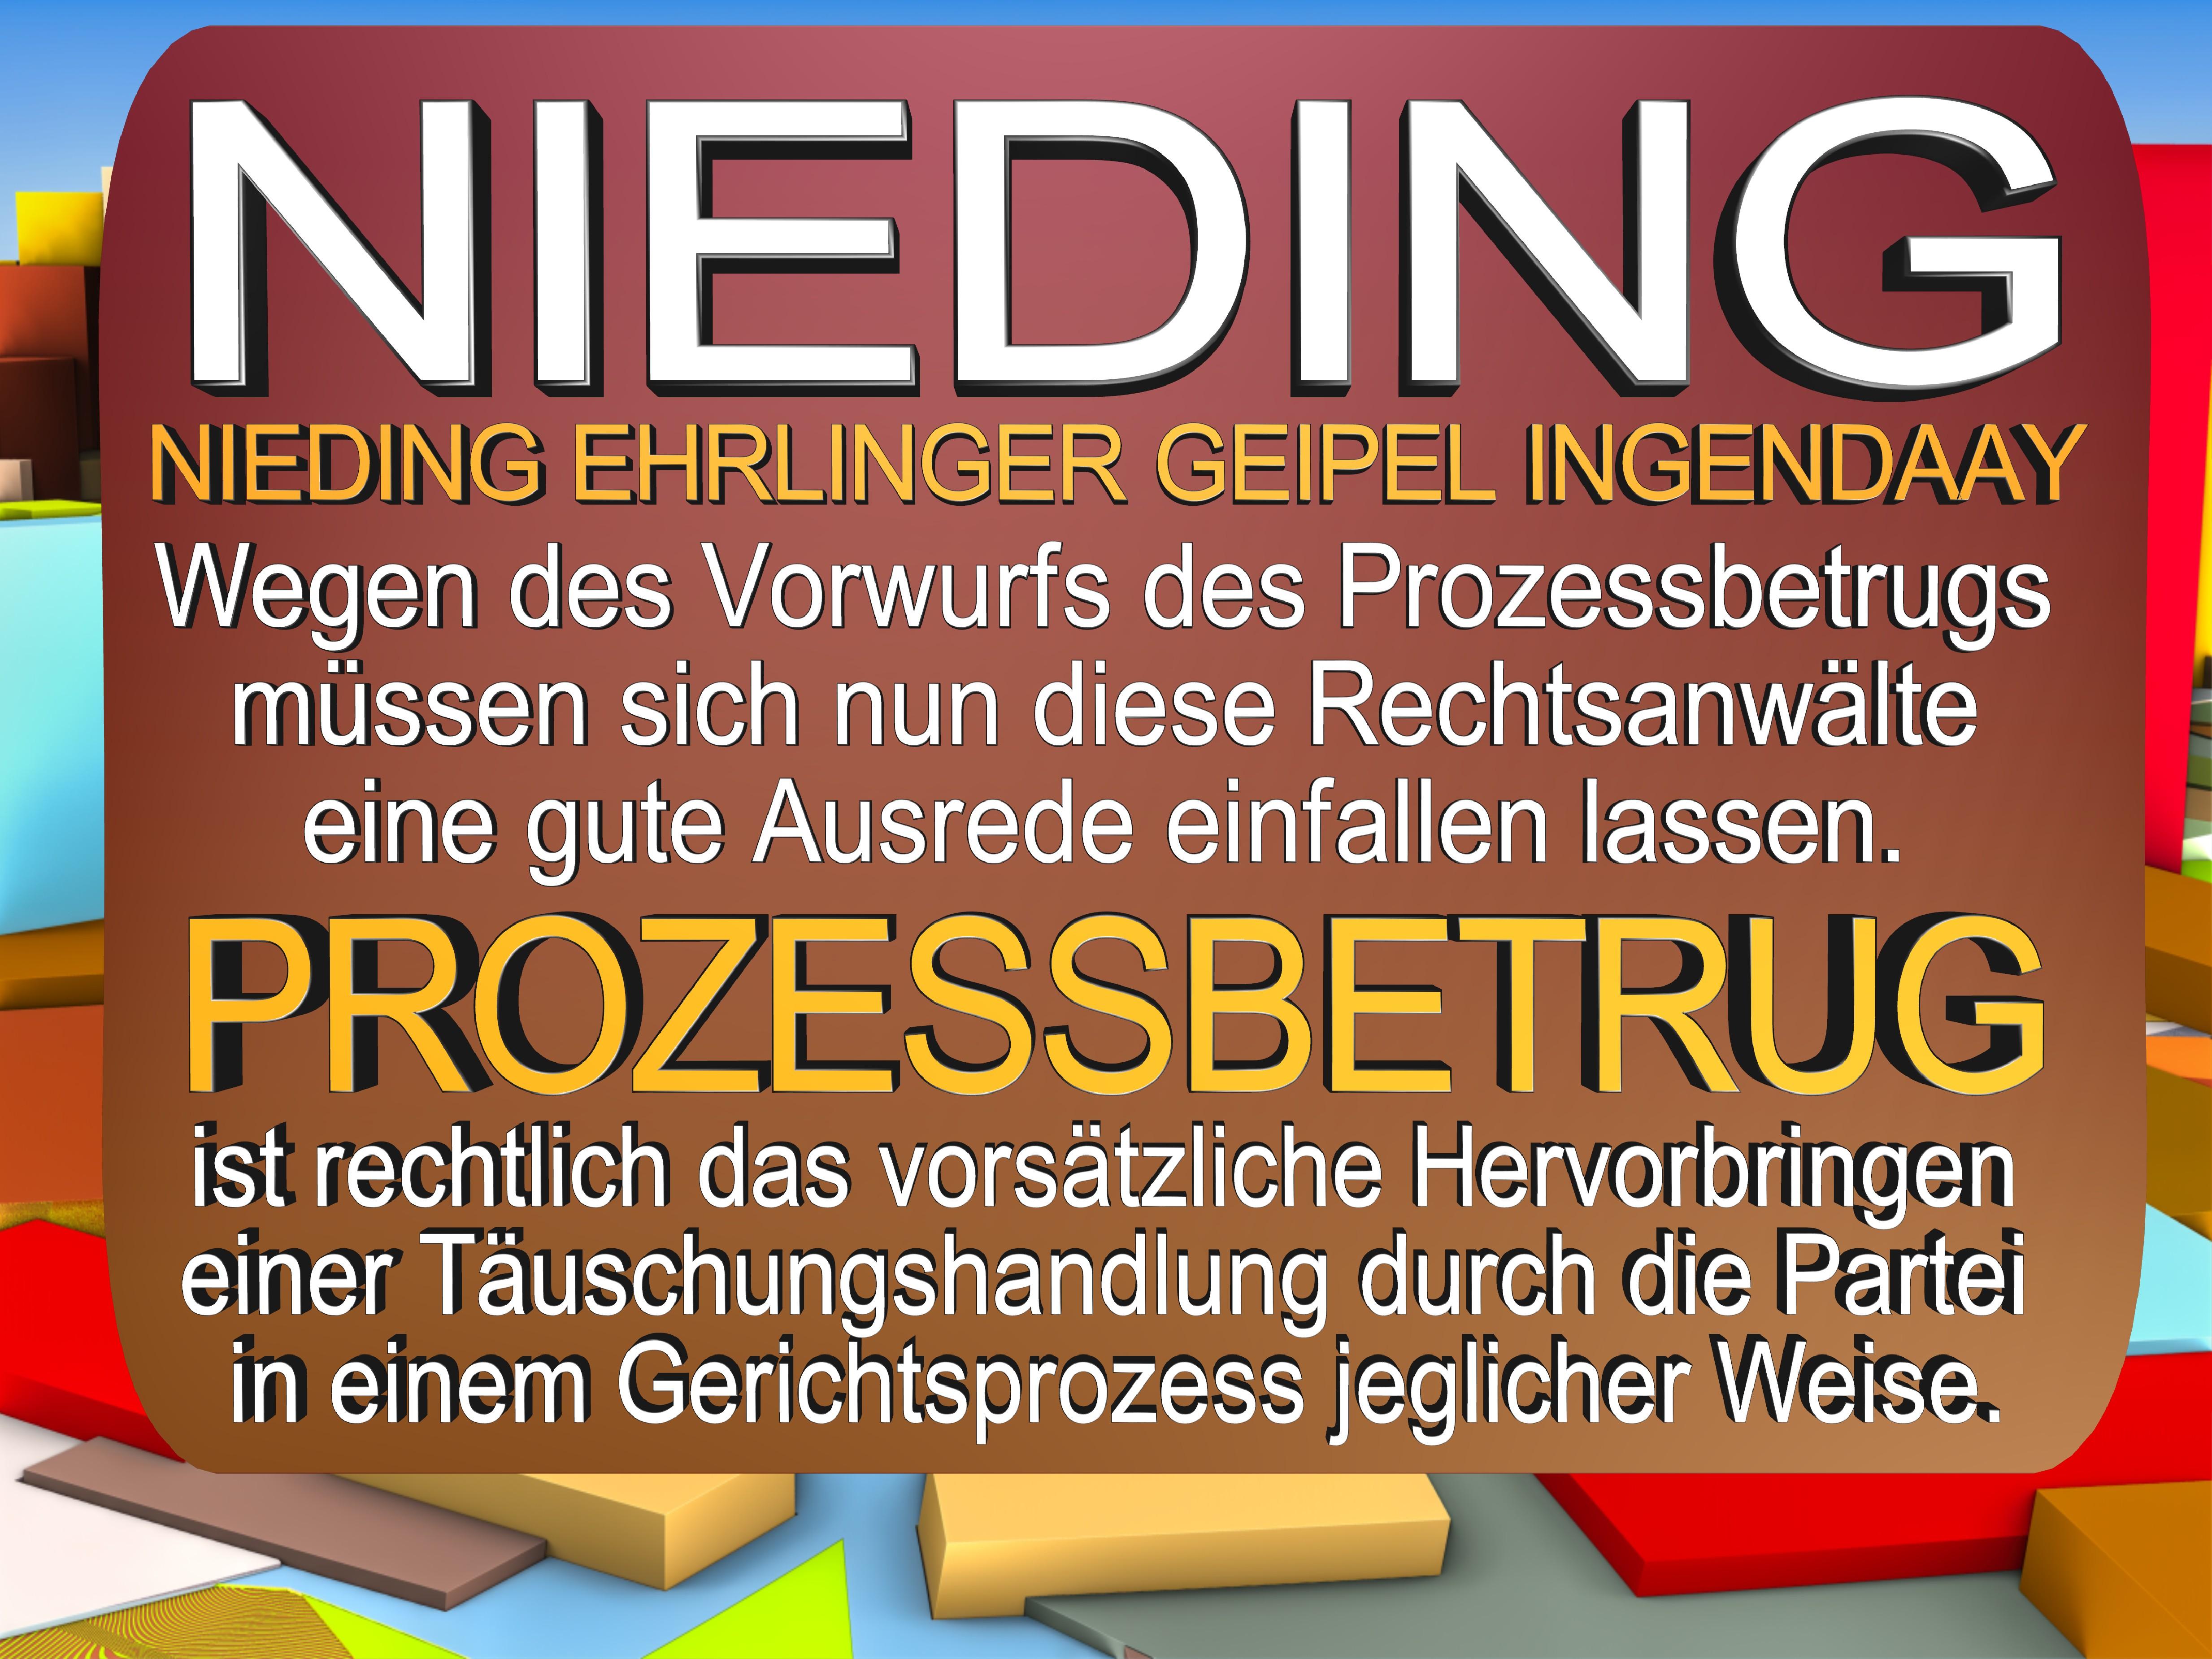 NIEDING EHRLINGER GEIPEL INGENDAAY LELKE Kurfürstendamm 66 Berlin (107)